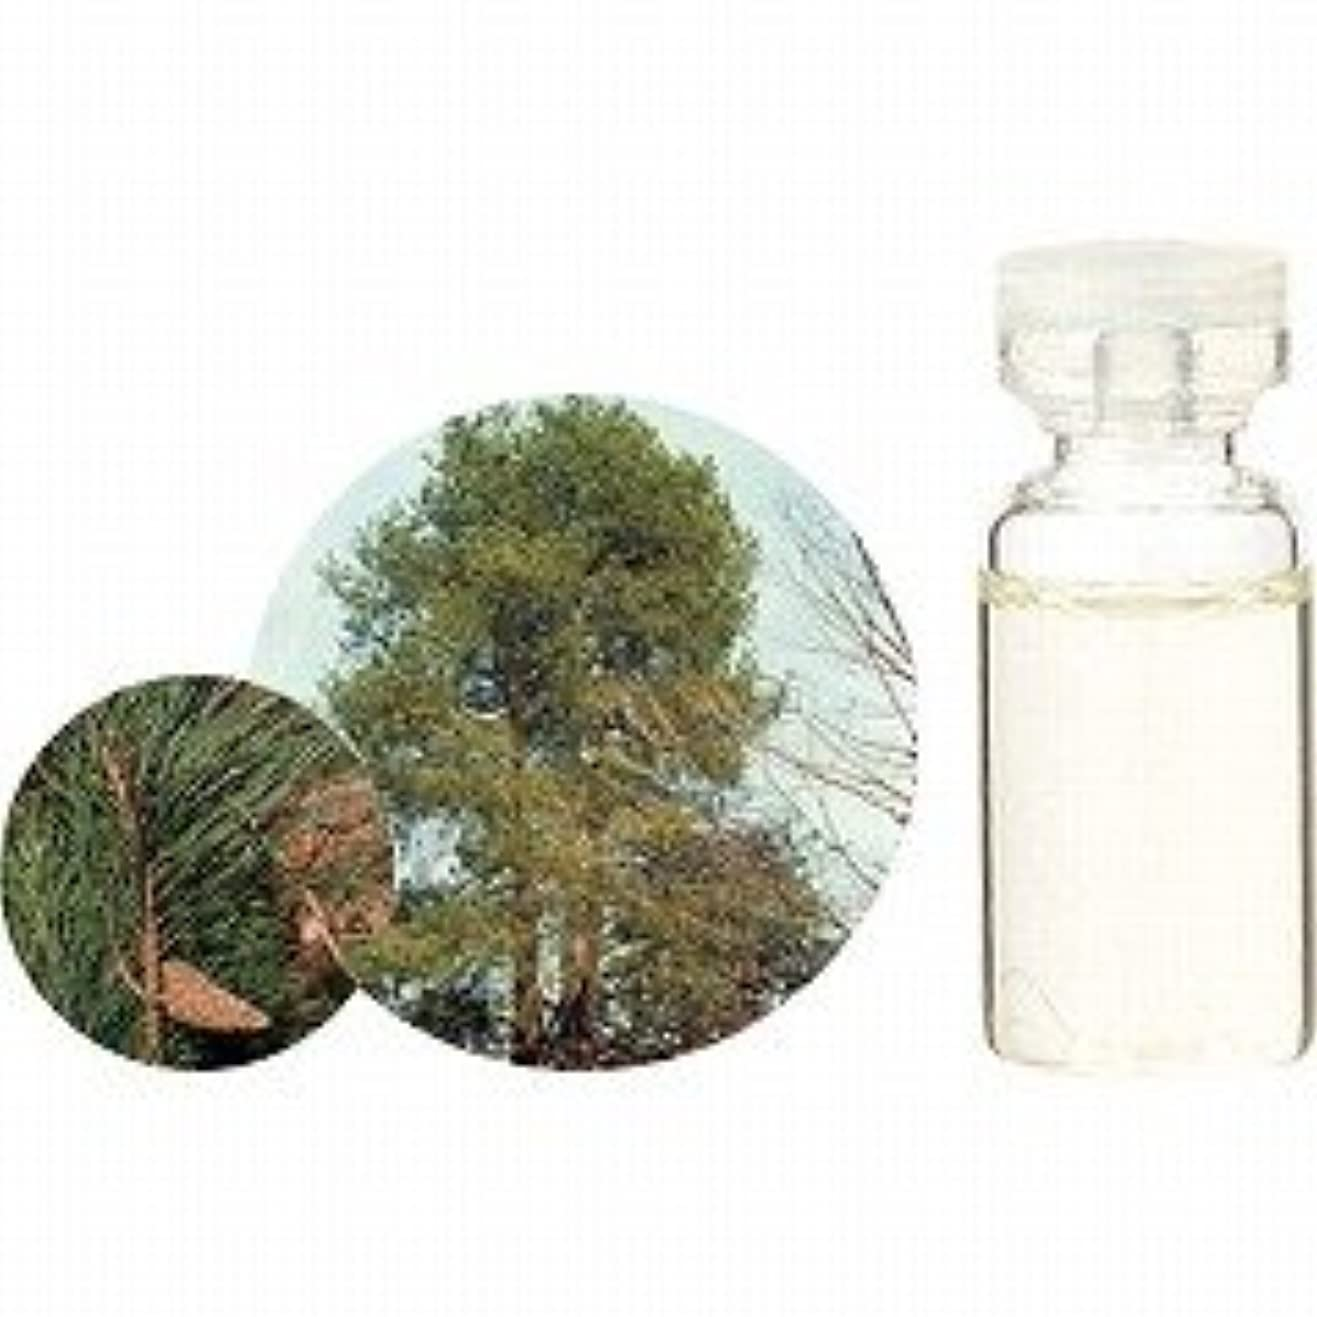 穀物大事にする落ち込んでいる【生活の木】エッセンシャルオイル(精油) パイン 3ml